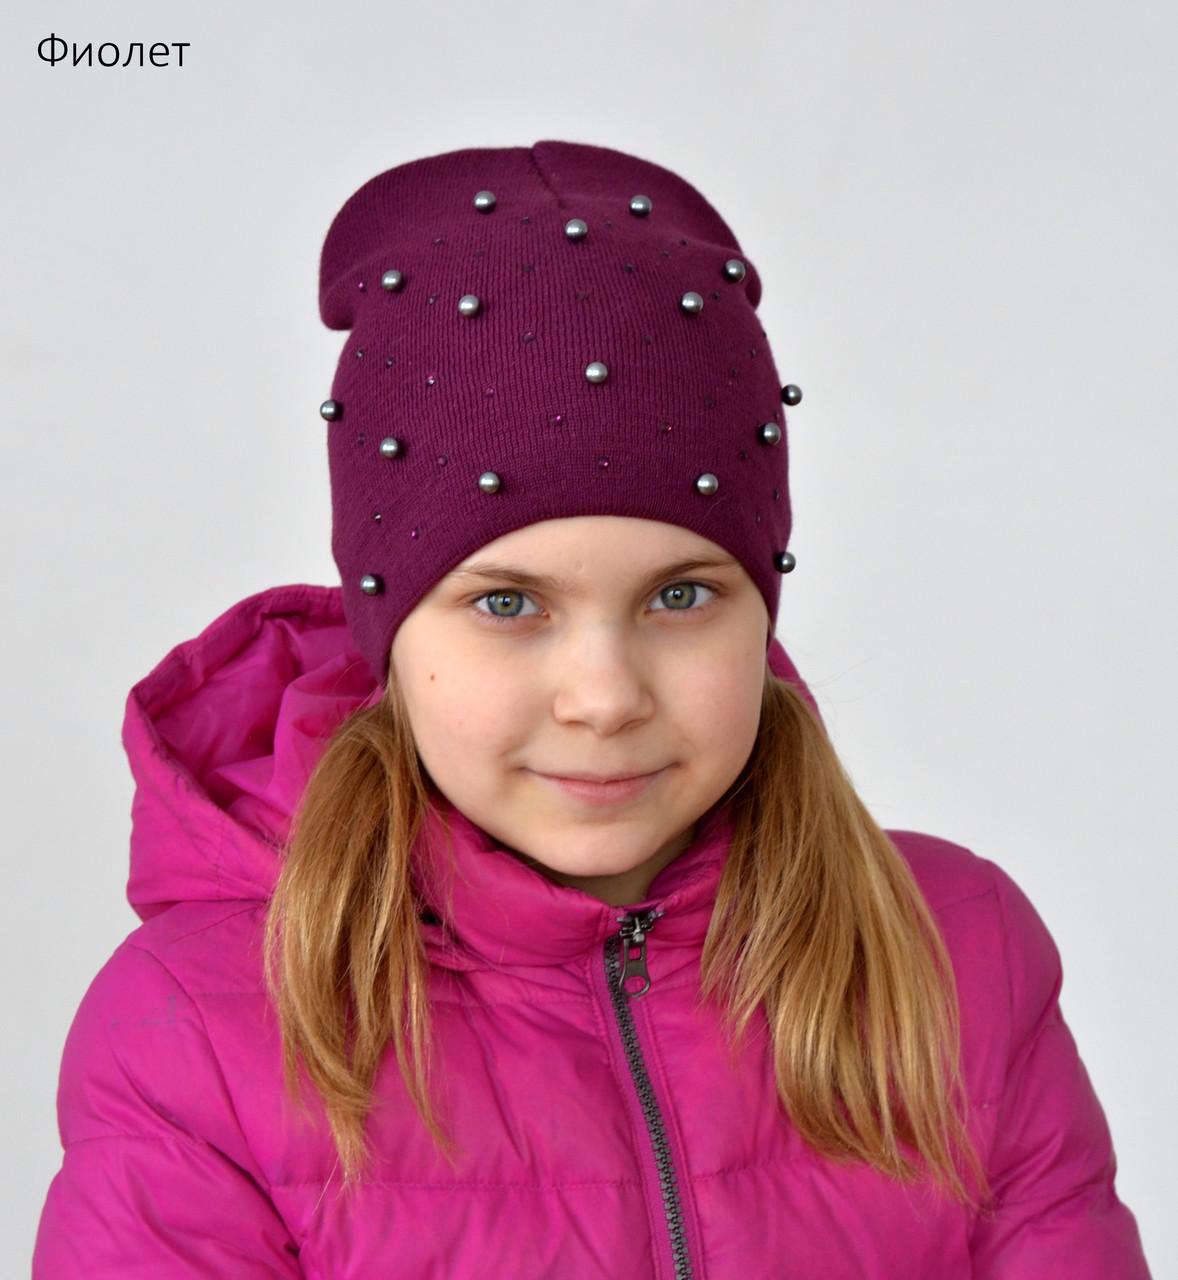 Вязанная весенняя шапка для девочки украшена бусинами